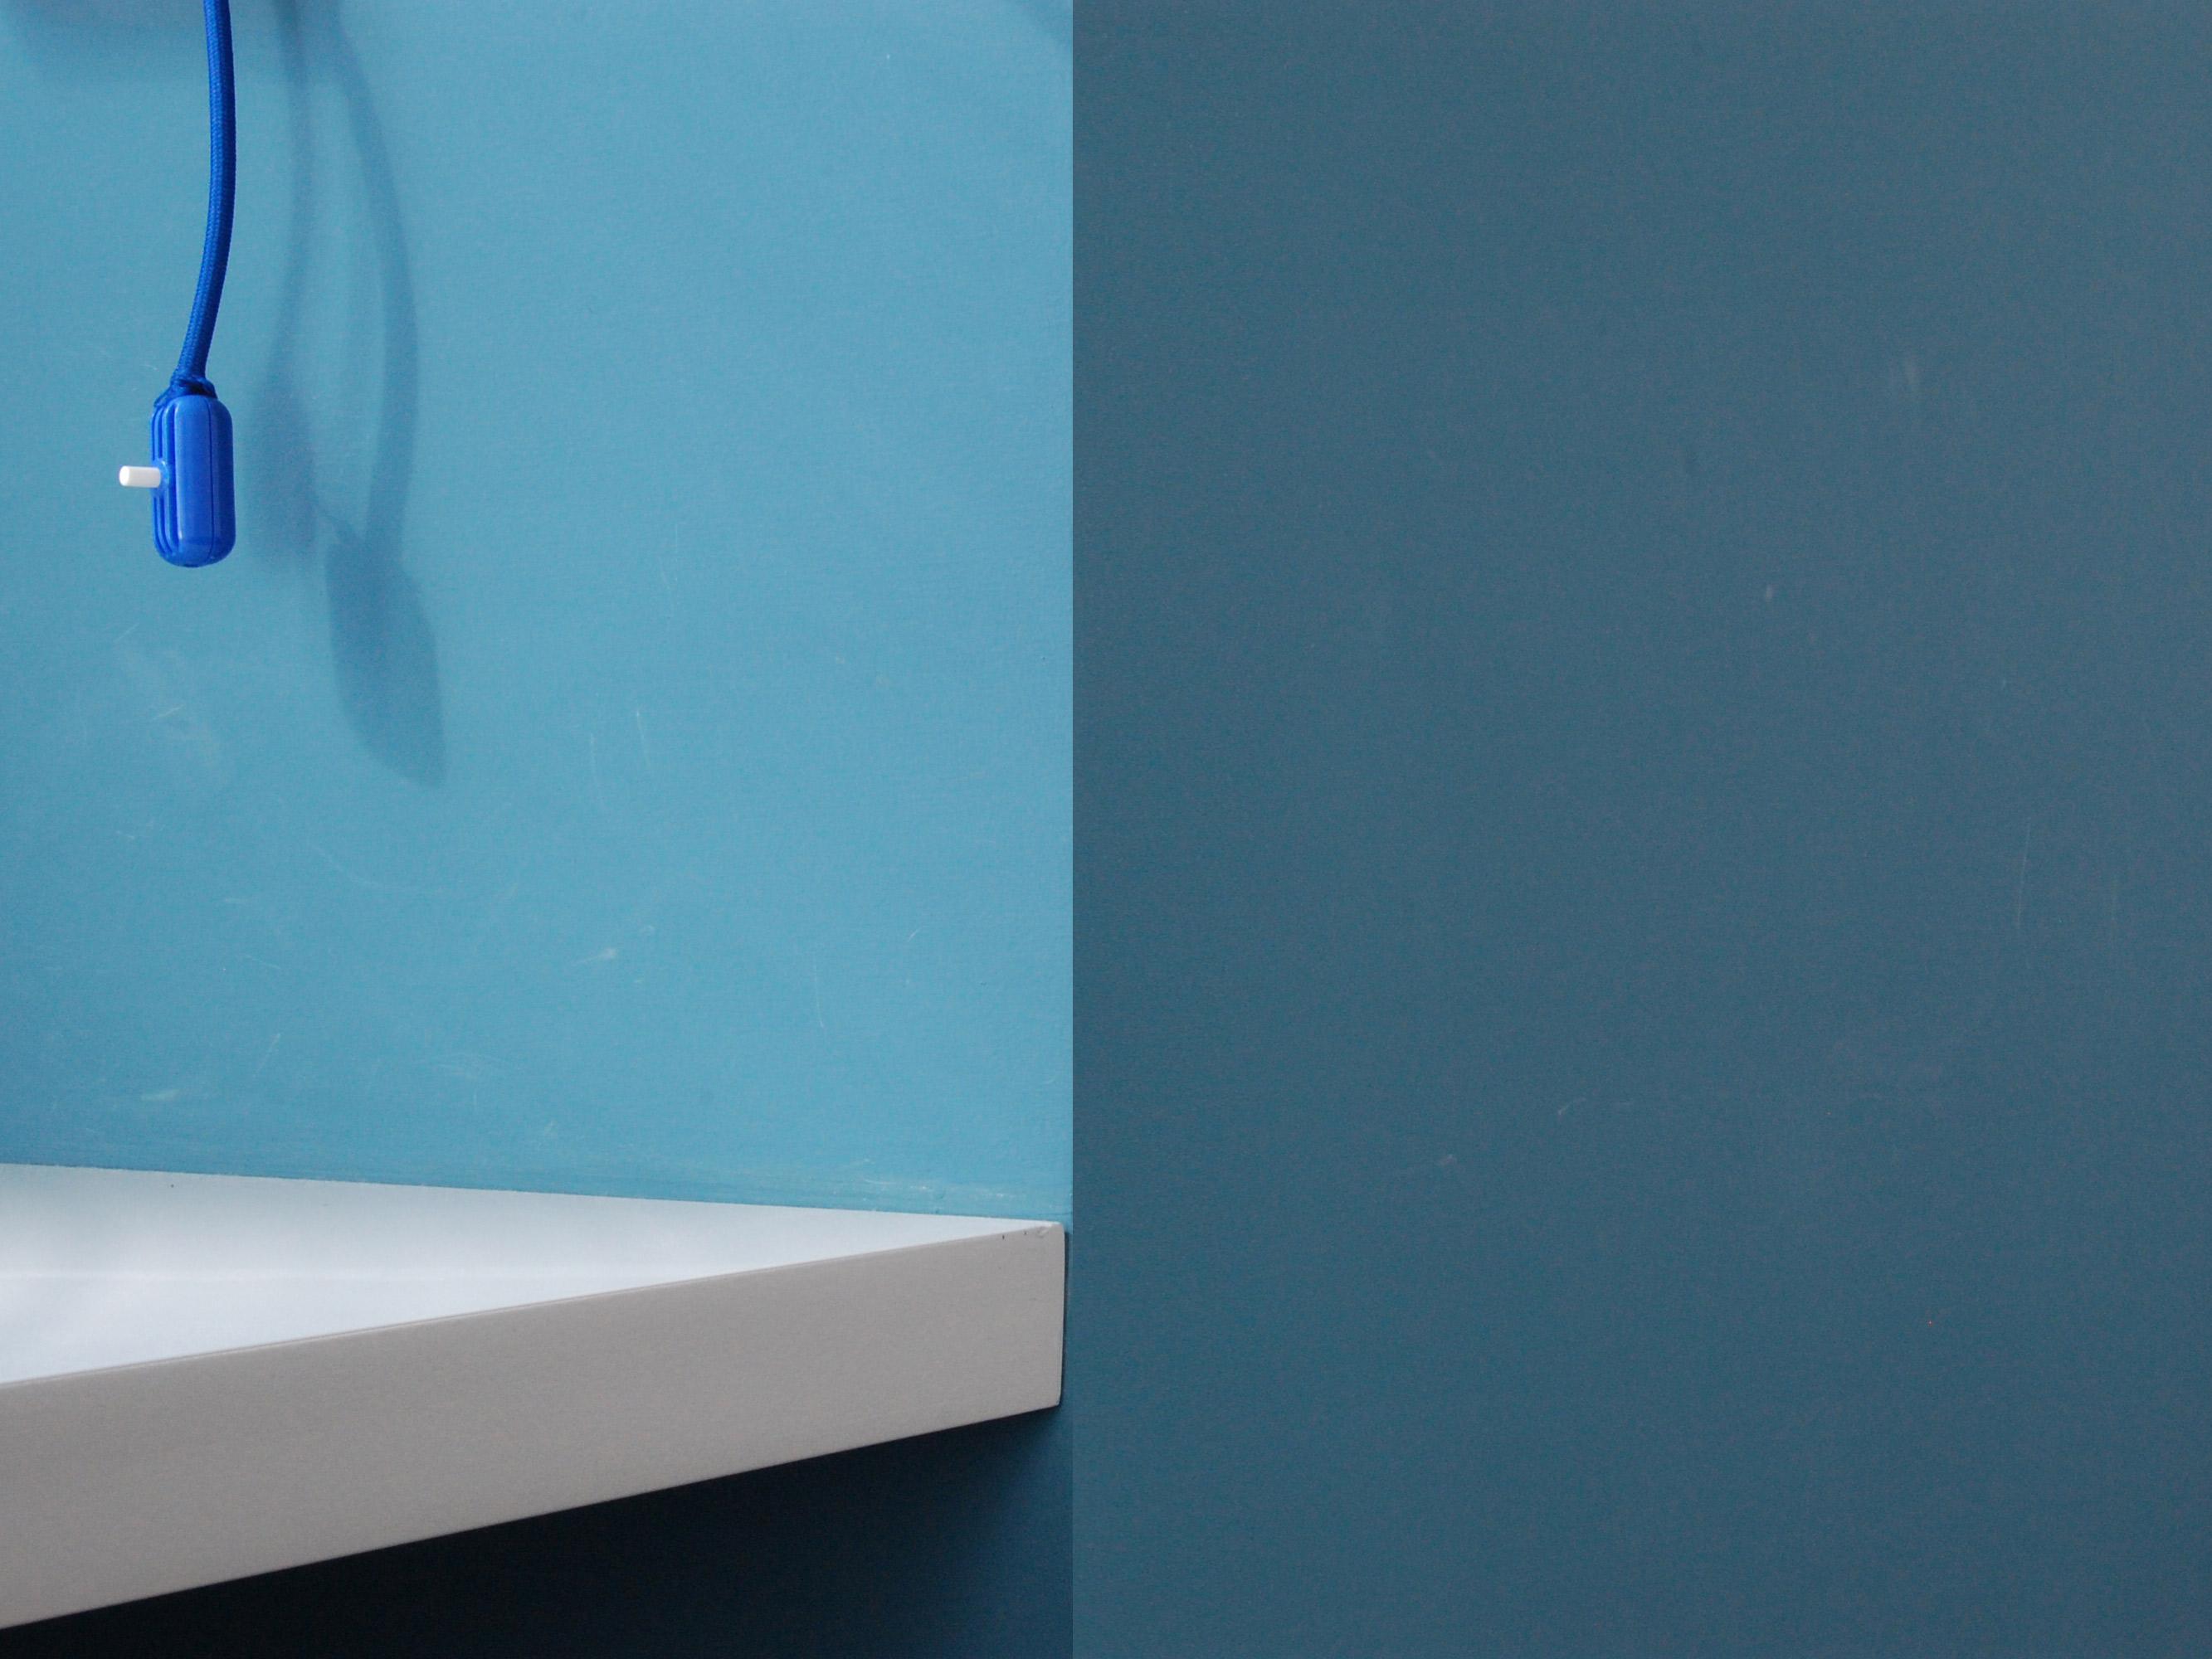 puntozero-architetti_casa-cola-di-rienzo-dettaglio-2_lowres